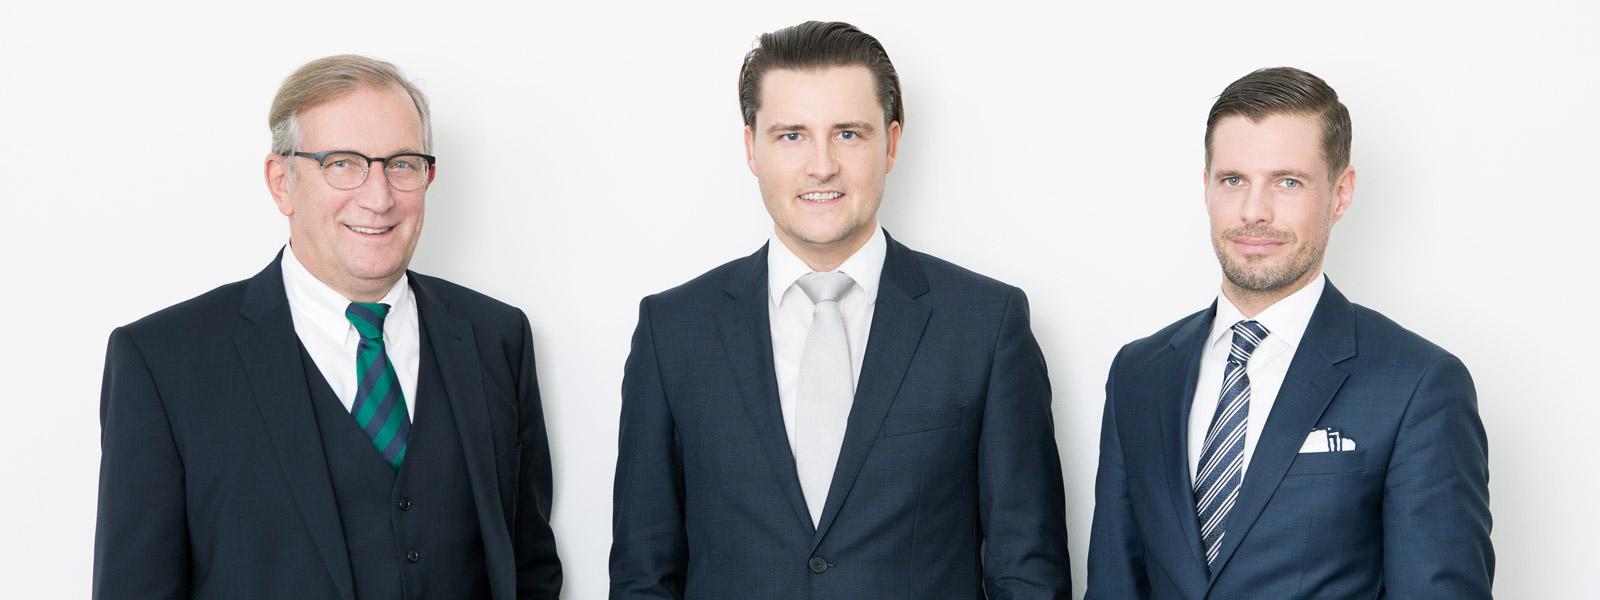 Rechtsanwaelte-Hauke-und-Partner_2